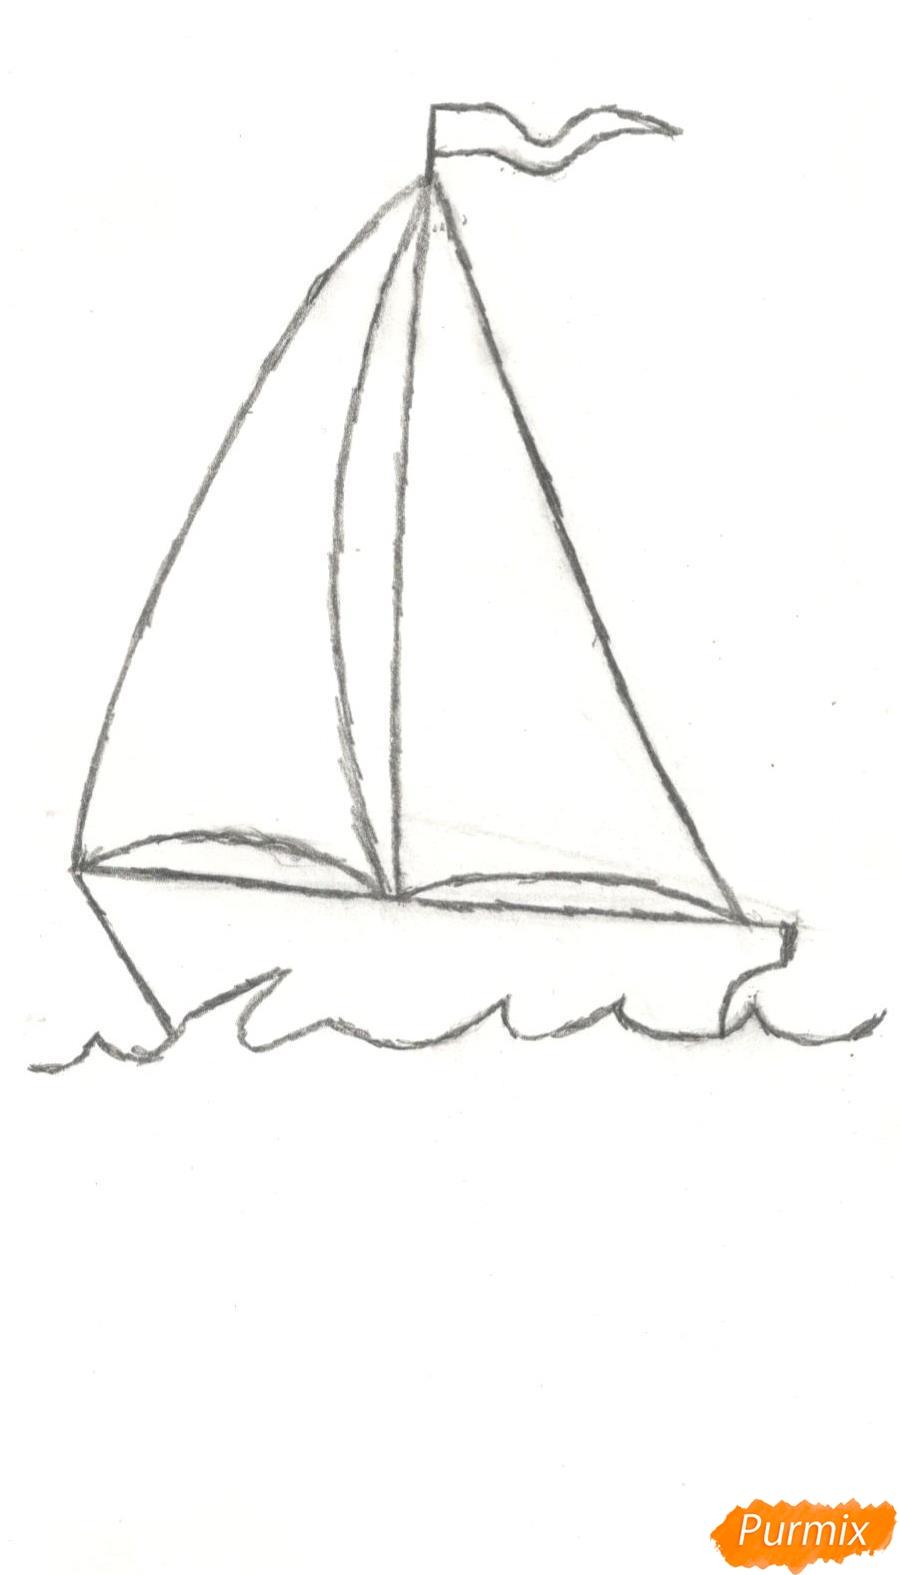 Рисуем кораблик (детский урок) - фото 5